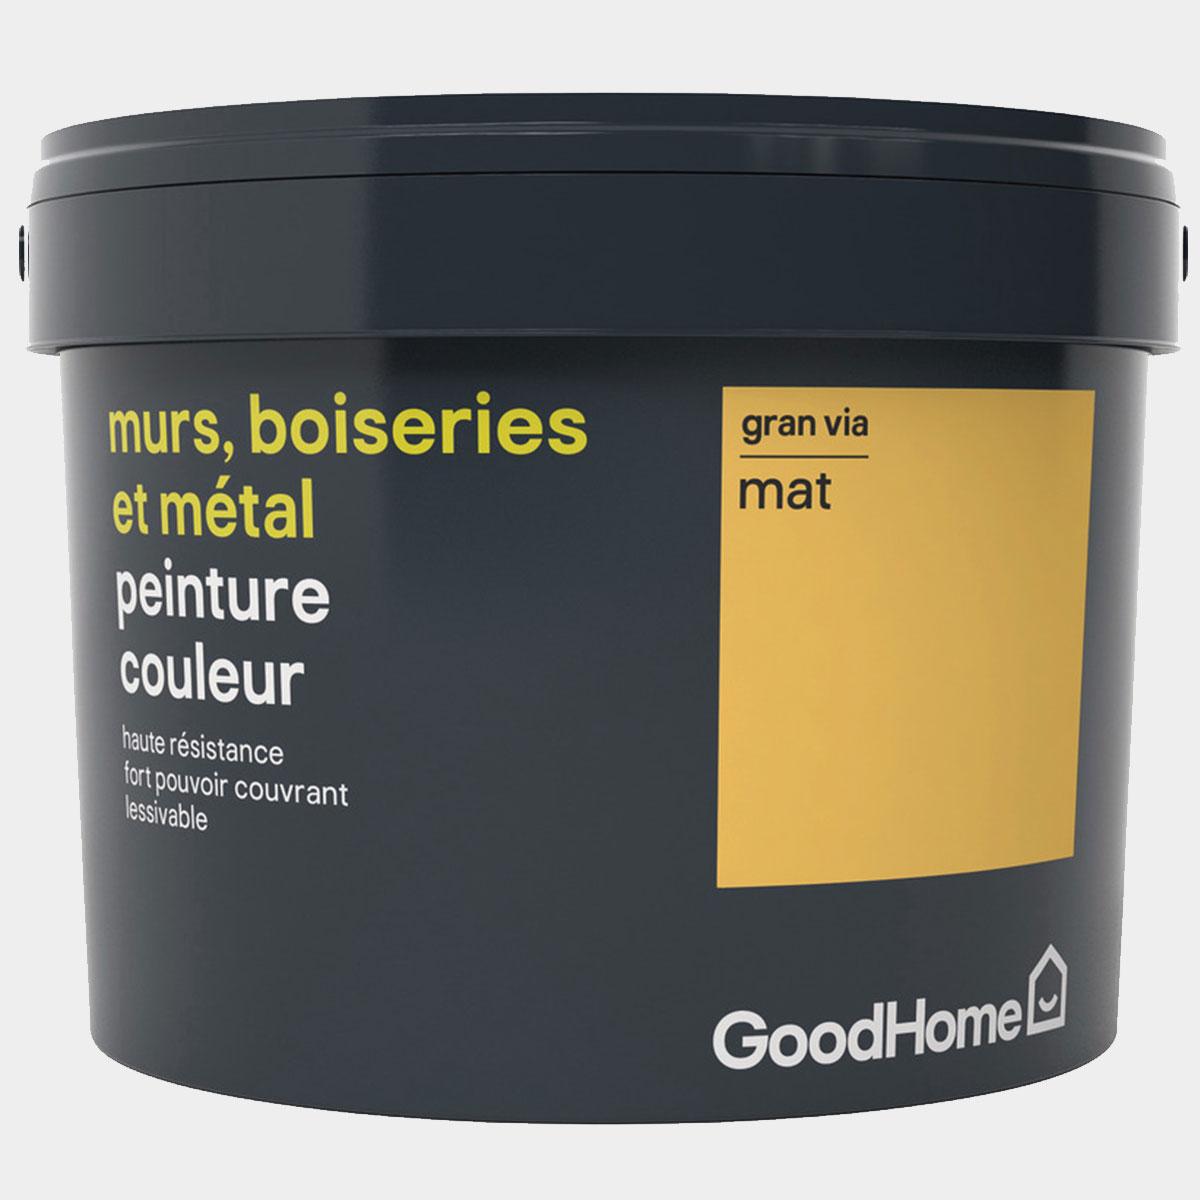 Peinture haute résistance murs, boiseries et métal intérieure acrylique mat jaune Gran Via 2,5 l